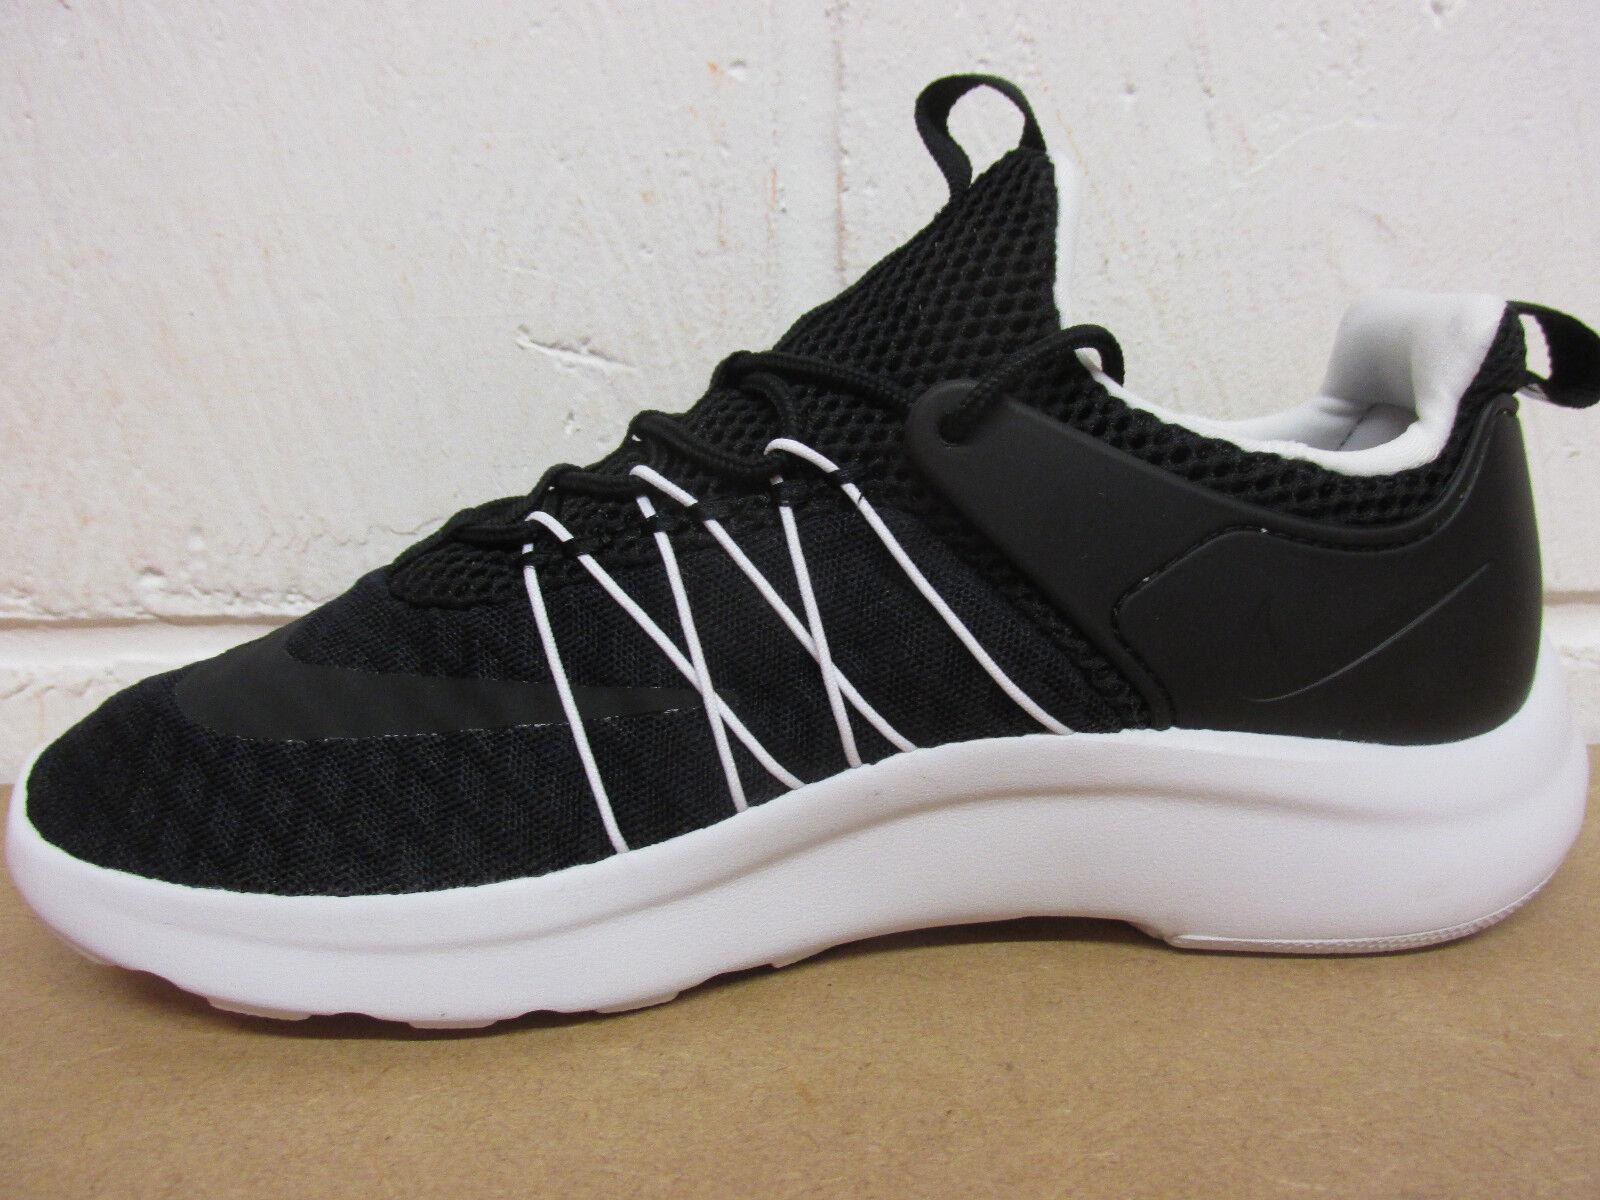 Nike Da Damenschuhe DARWIN in esecuzione Schuhe Ginnastica da ginnastica